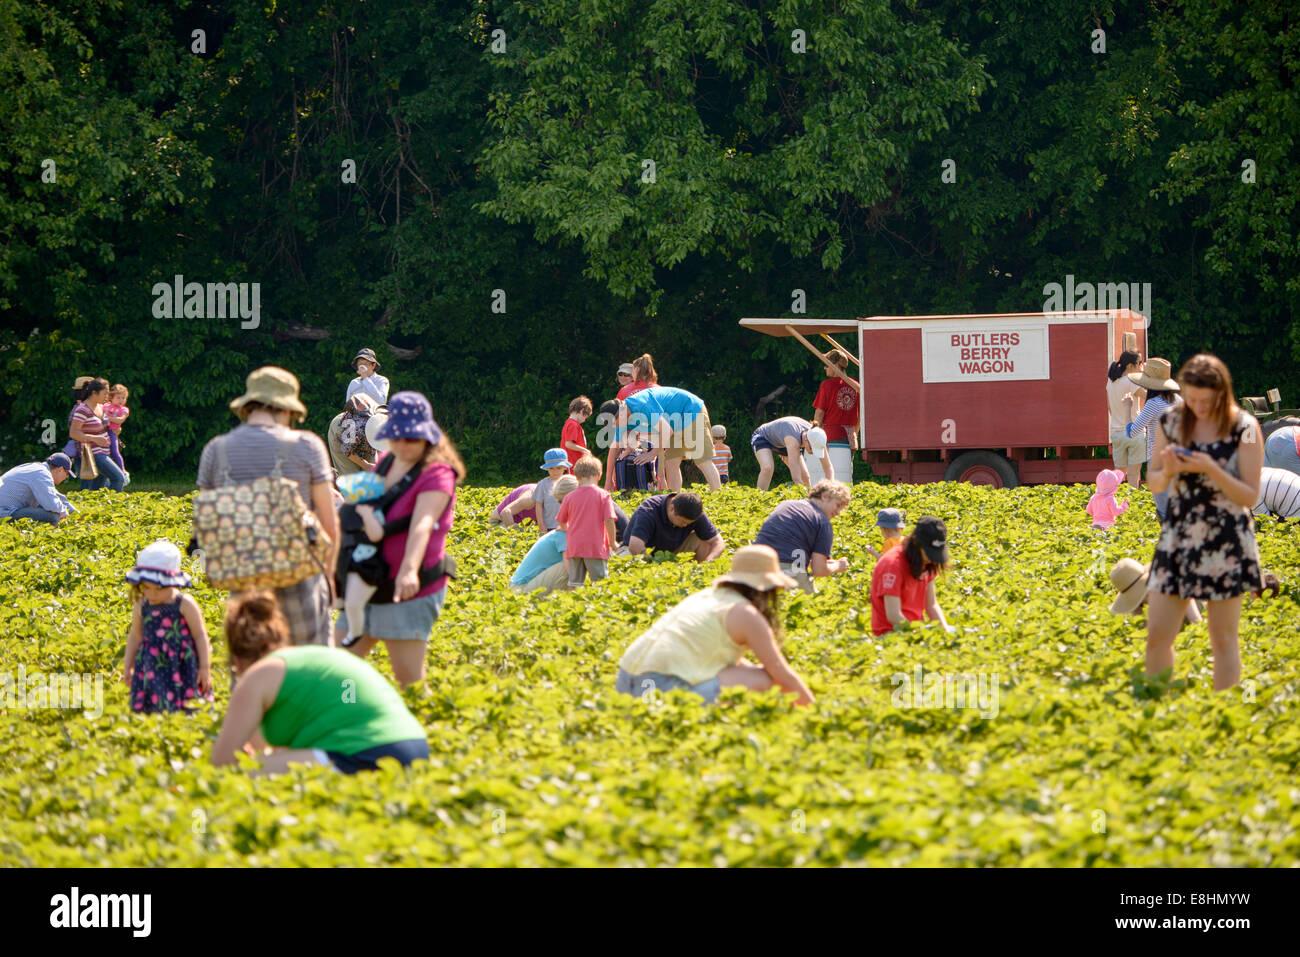 Butler's Orchard, à Germantown, MD, ouvre ses champs de fruits aux visiteurs de choisir leurs propres fraises, Photo Stock